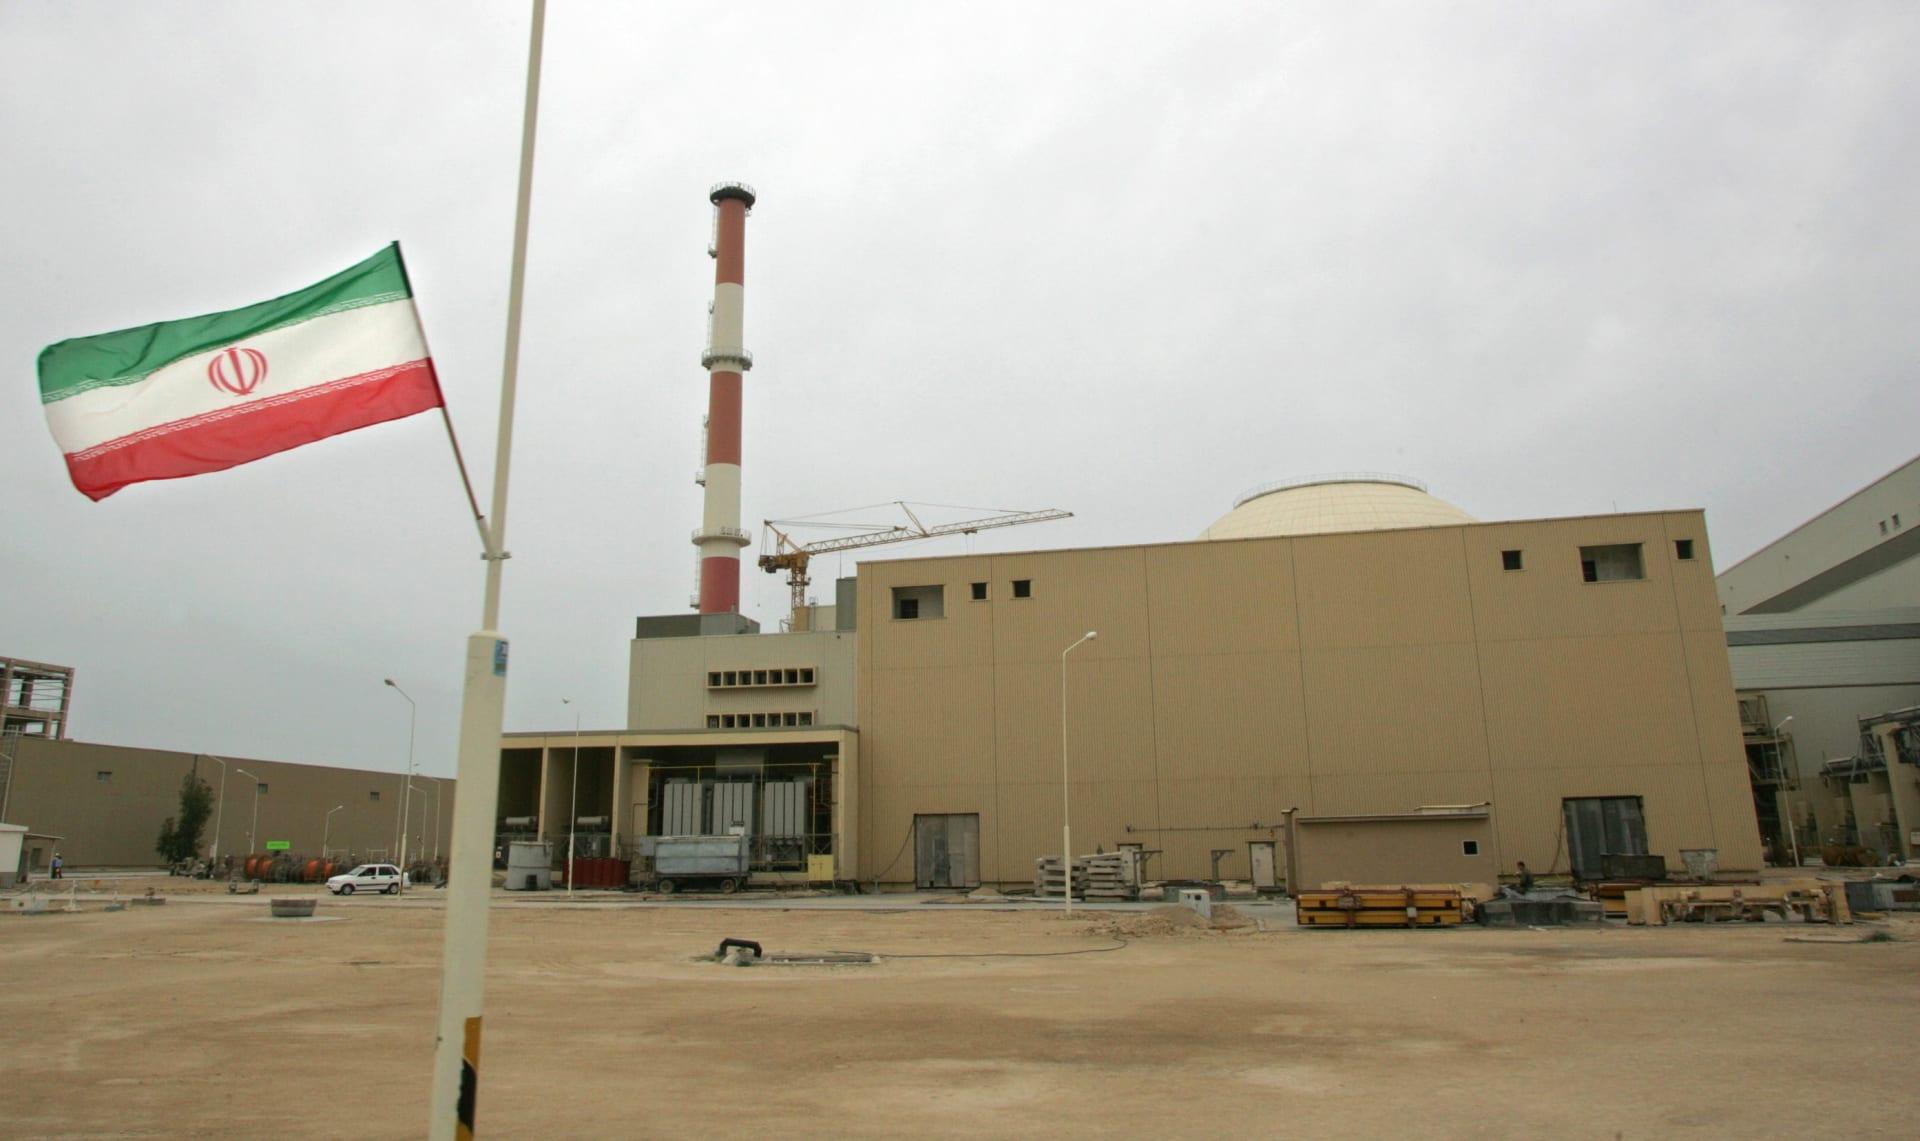 السعودية: رفع إيران تخصيب اليورانيوم لا يمكن اعتباره سلمياً